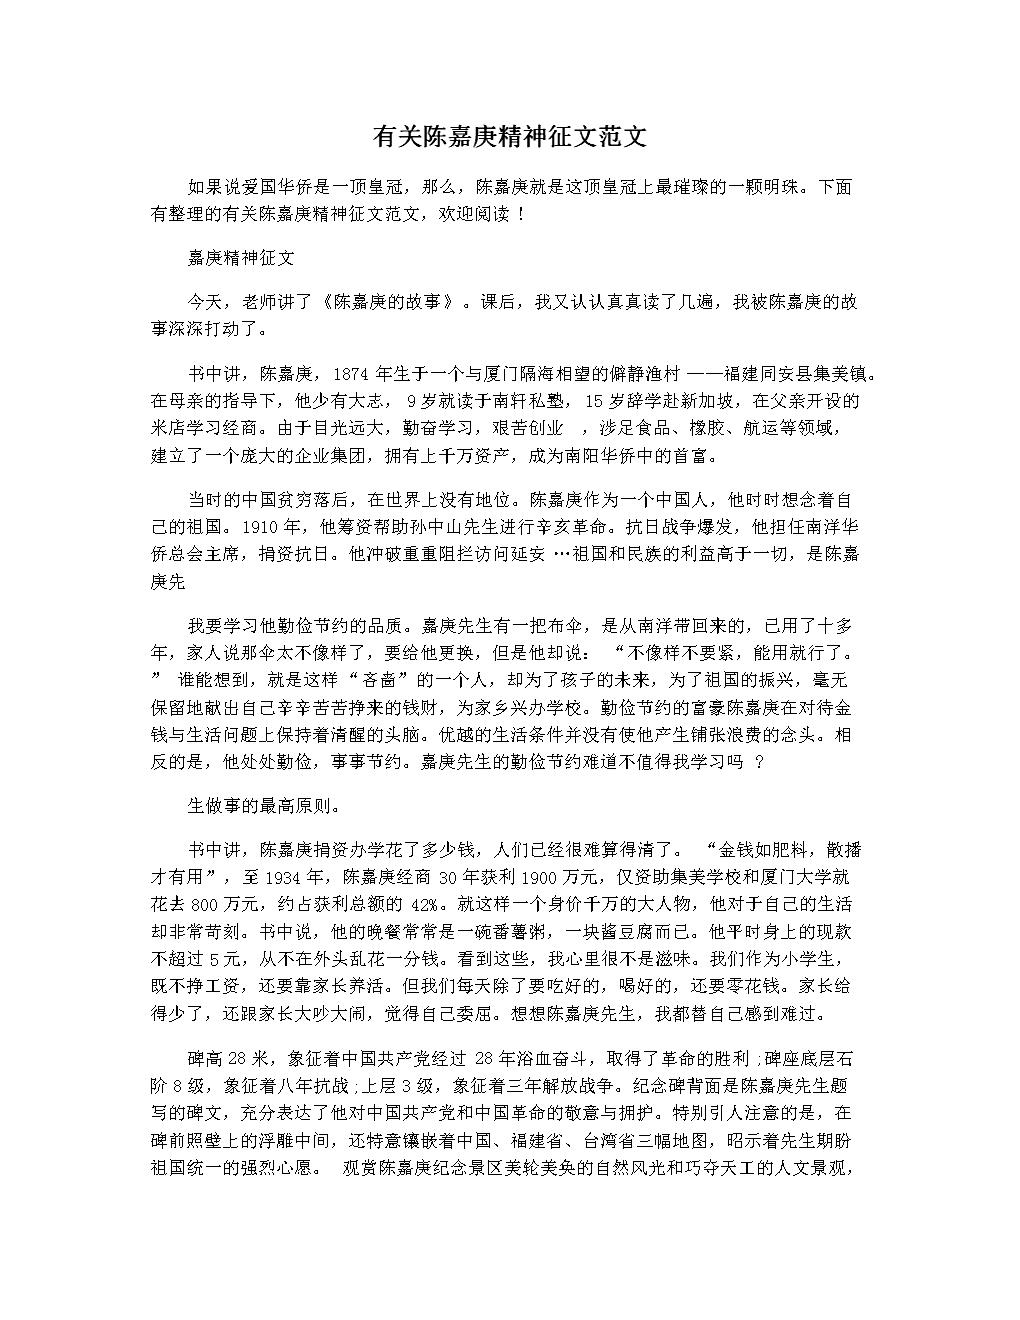 有关陈嘉庚精神征文范文.docx